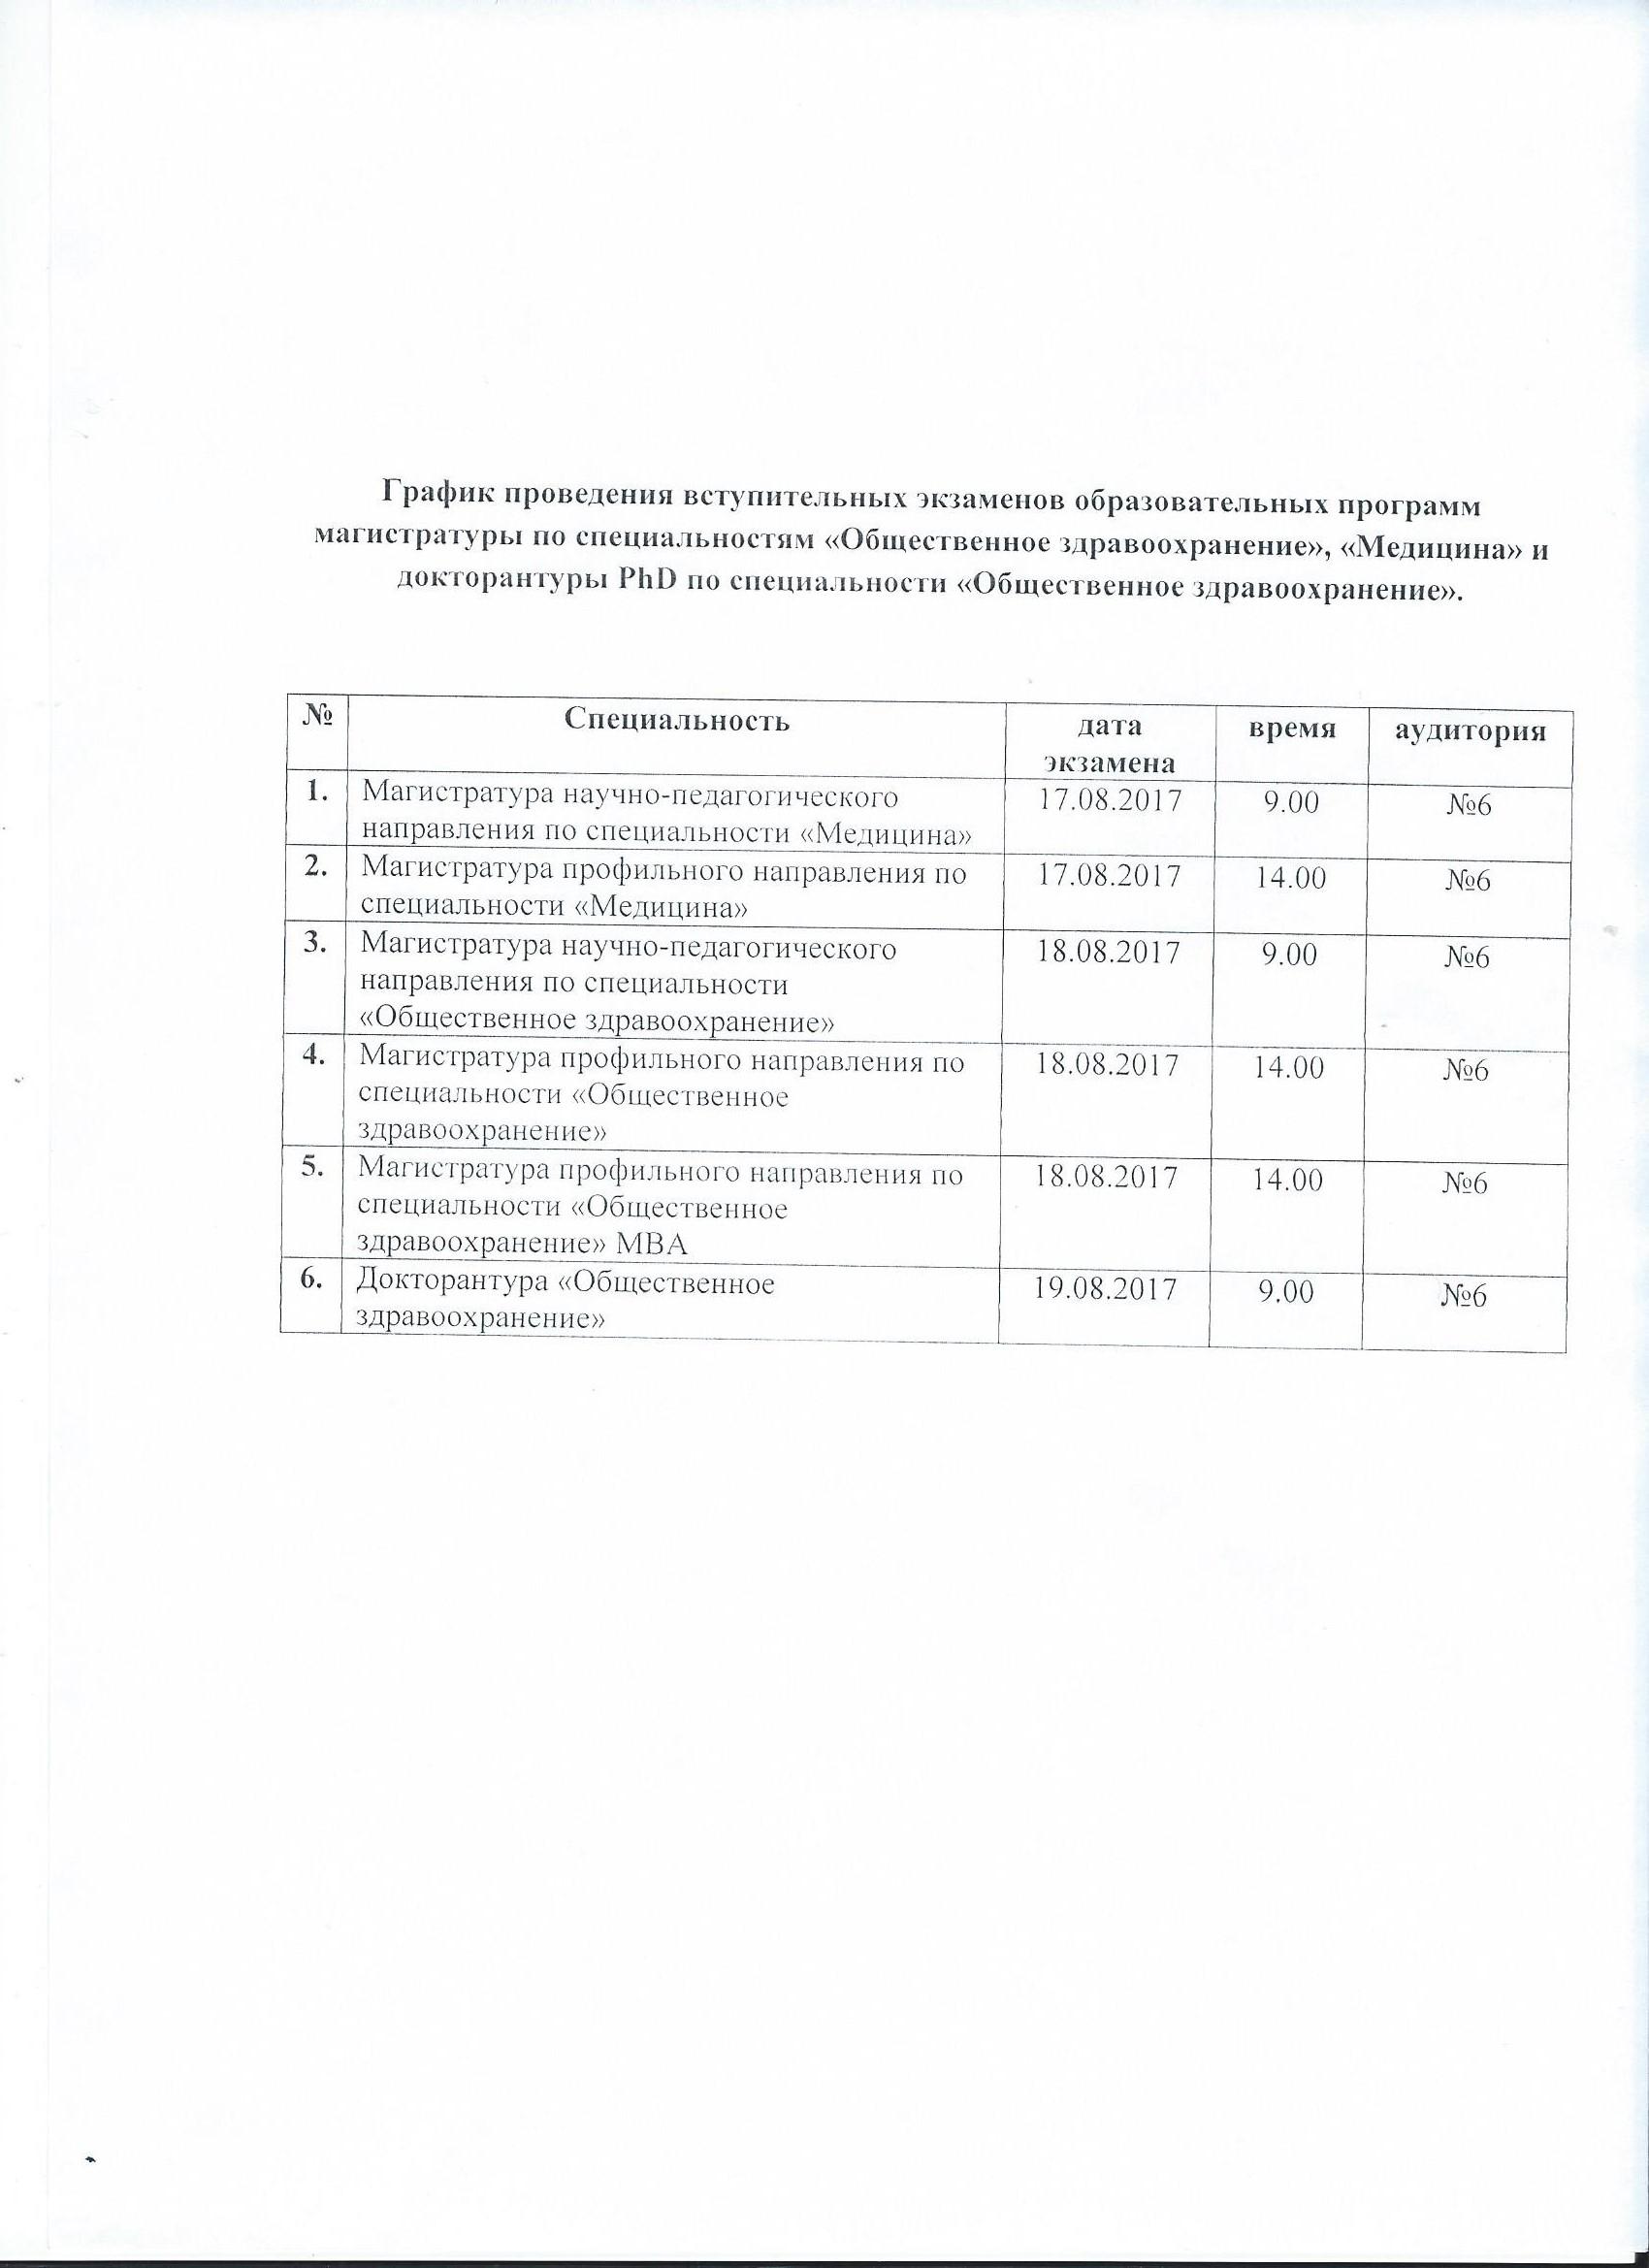 Медицинская приемная on line цветной металл цена за кг в Колычево